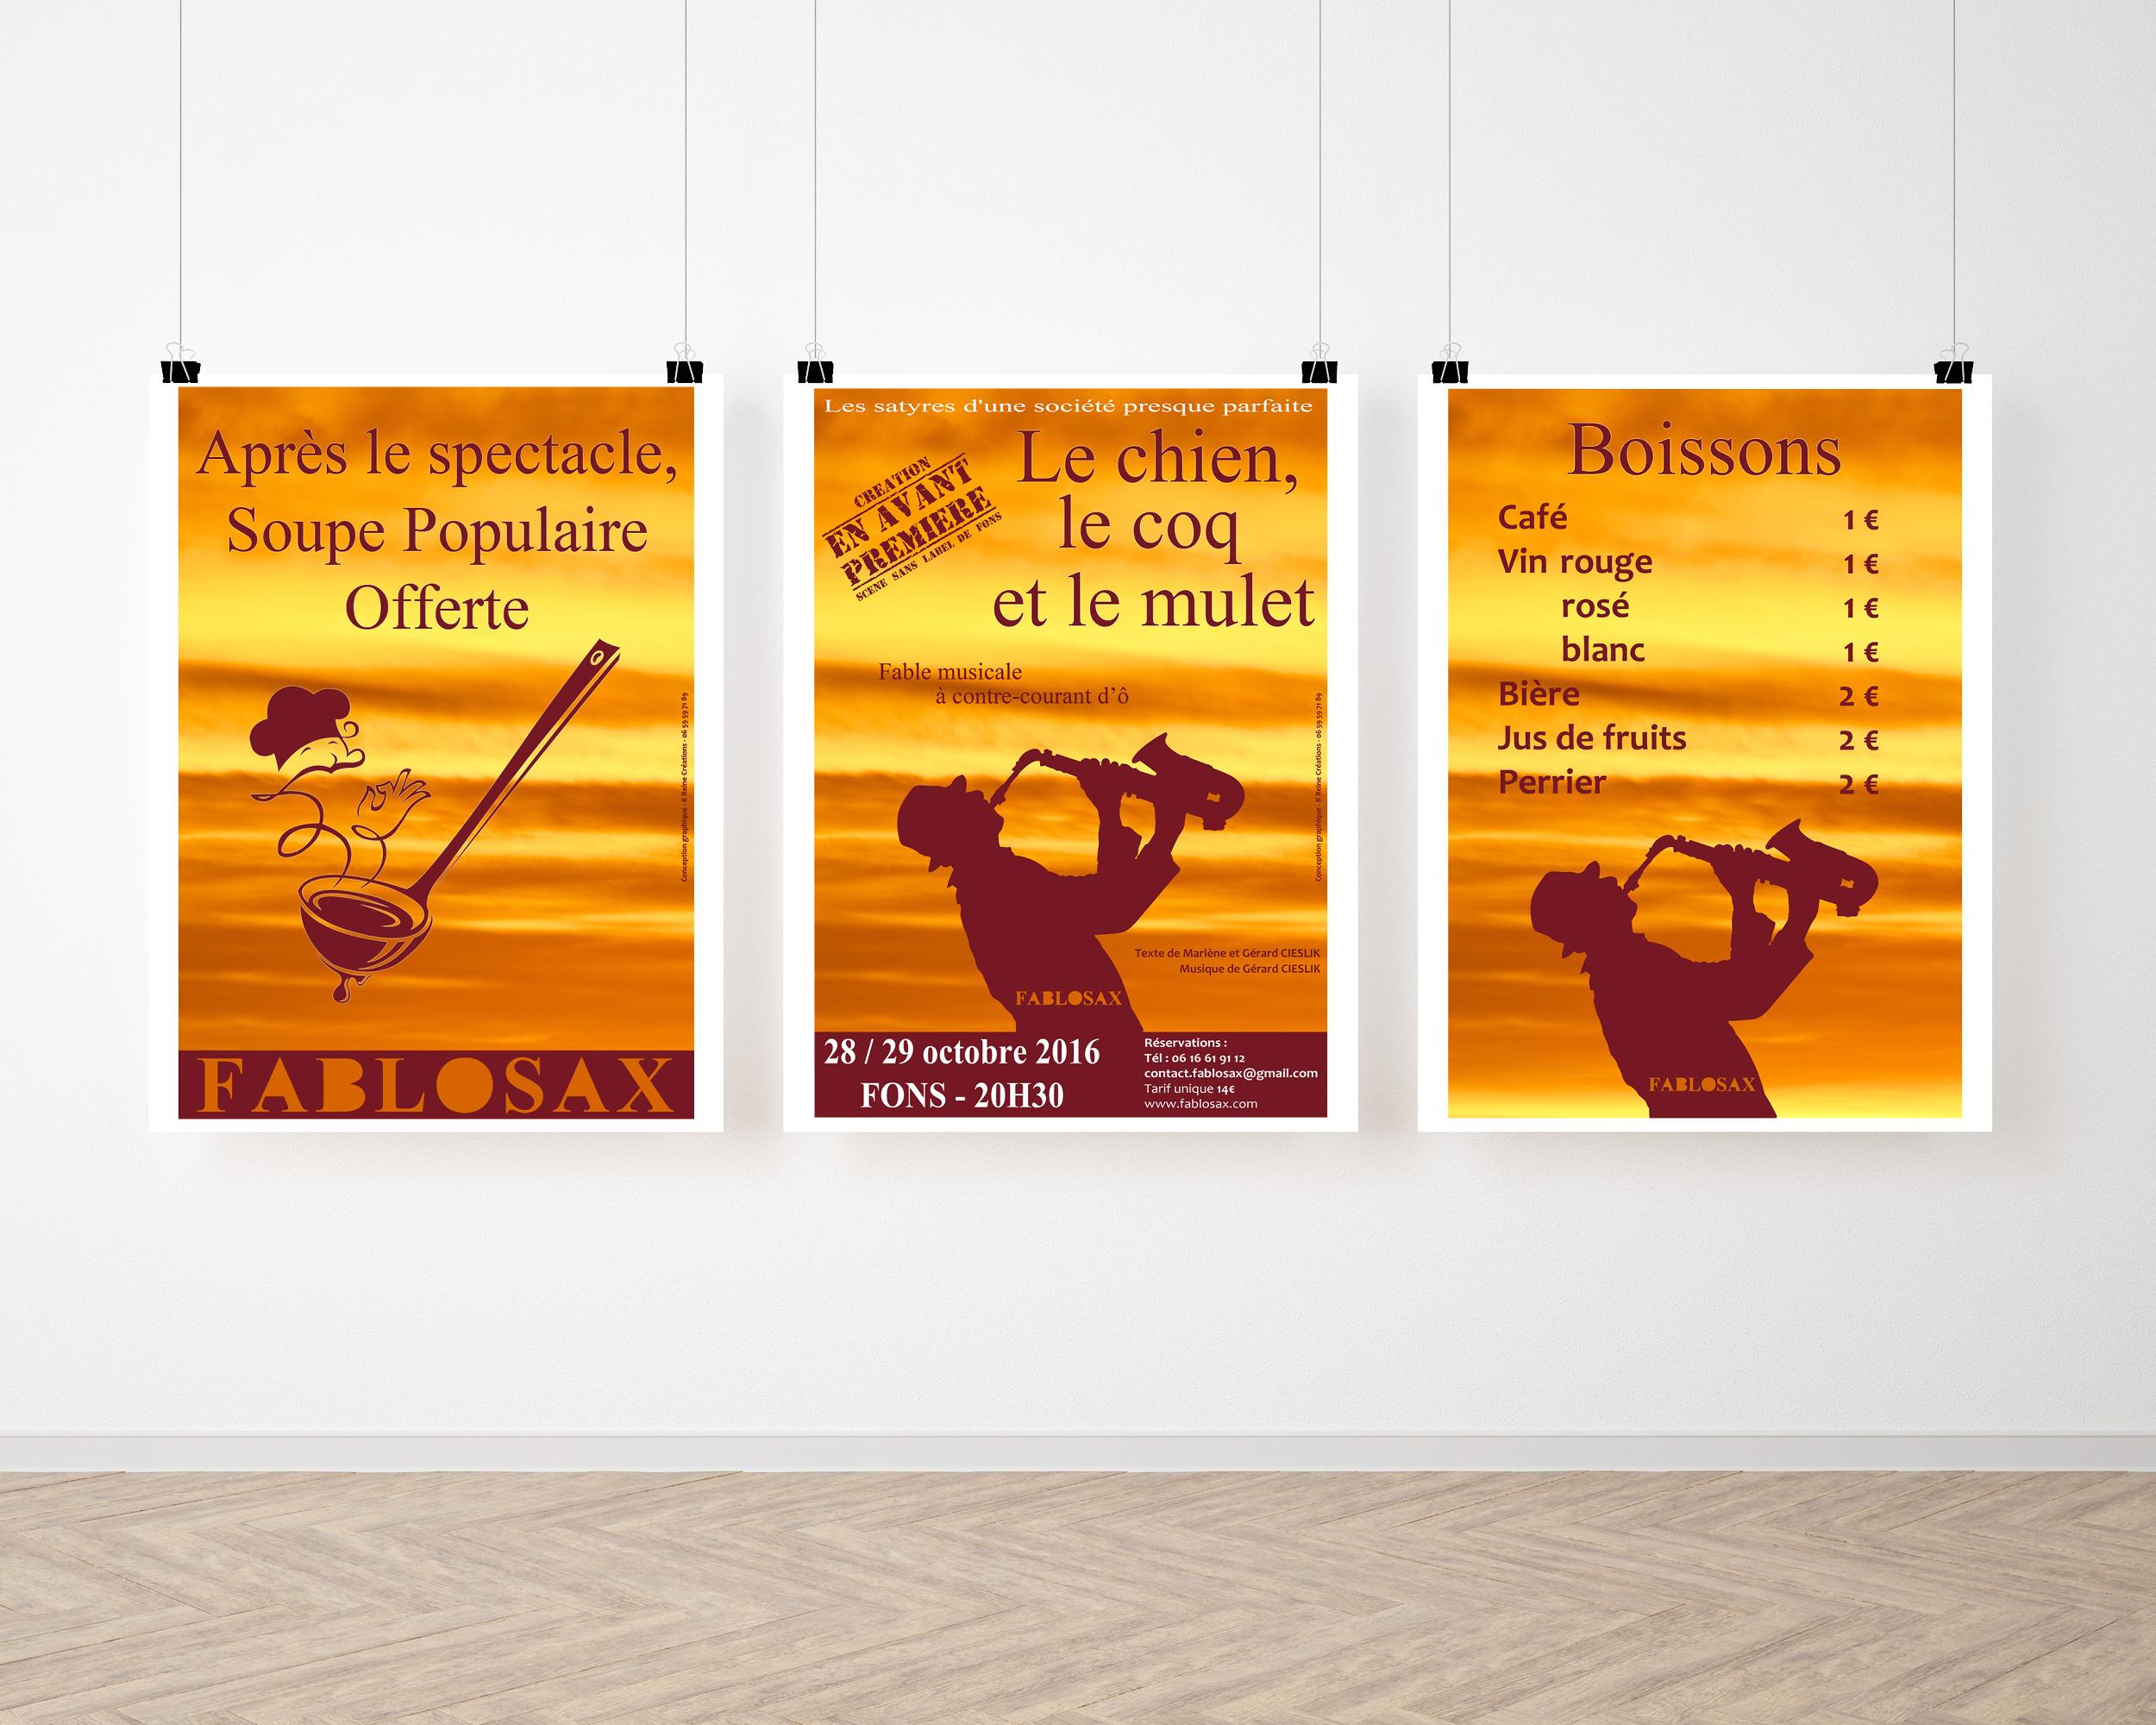 Affiches Fablosax